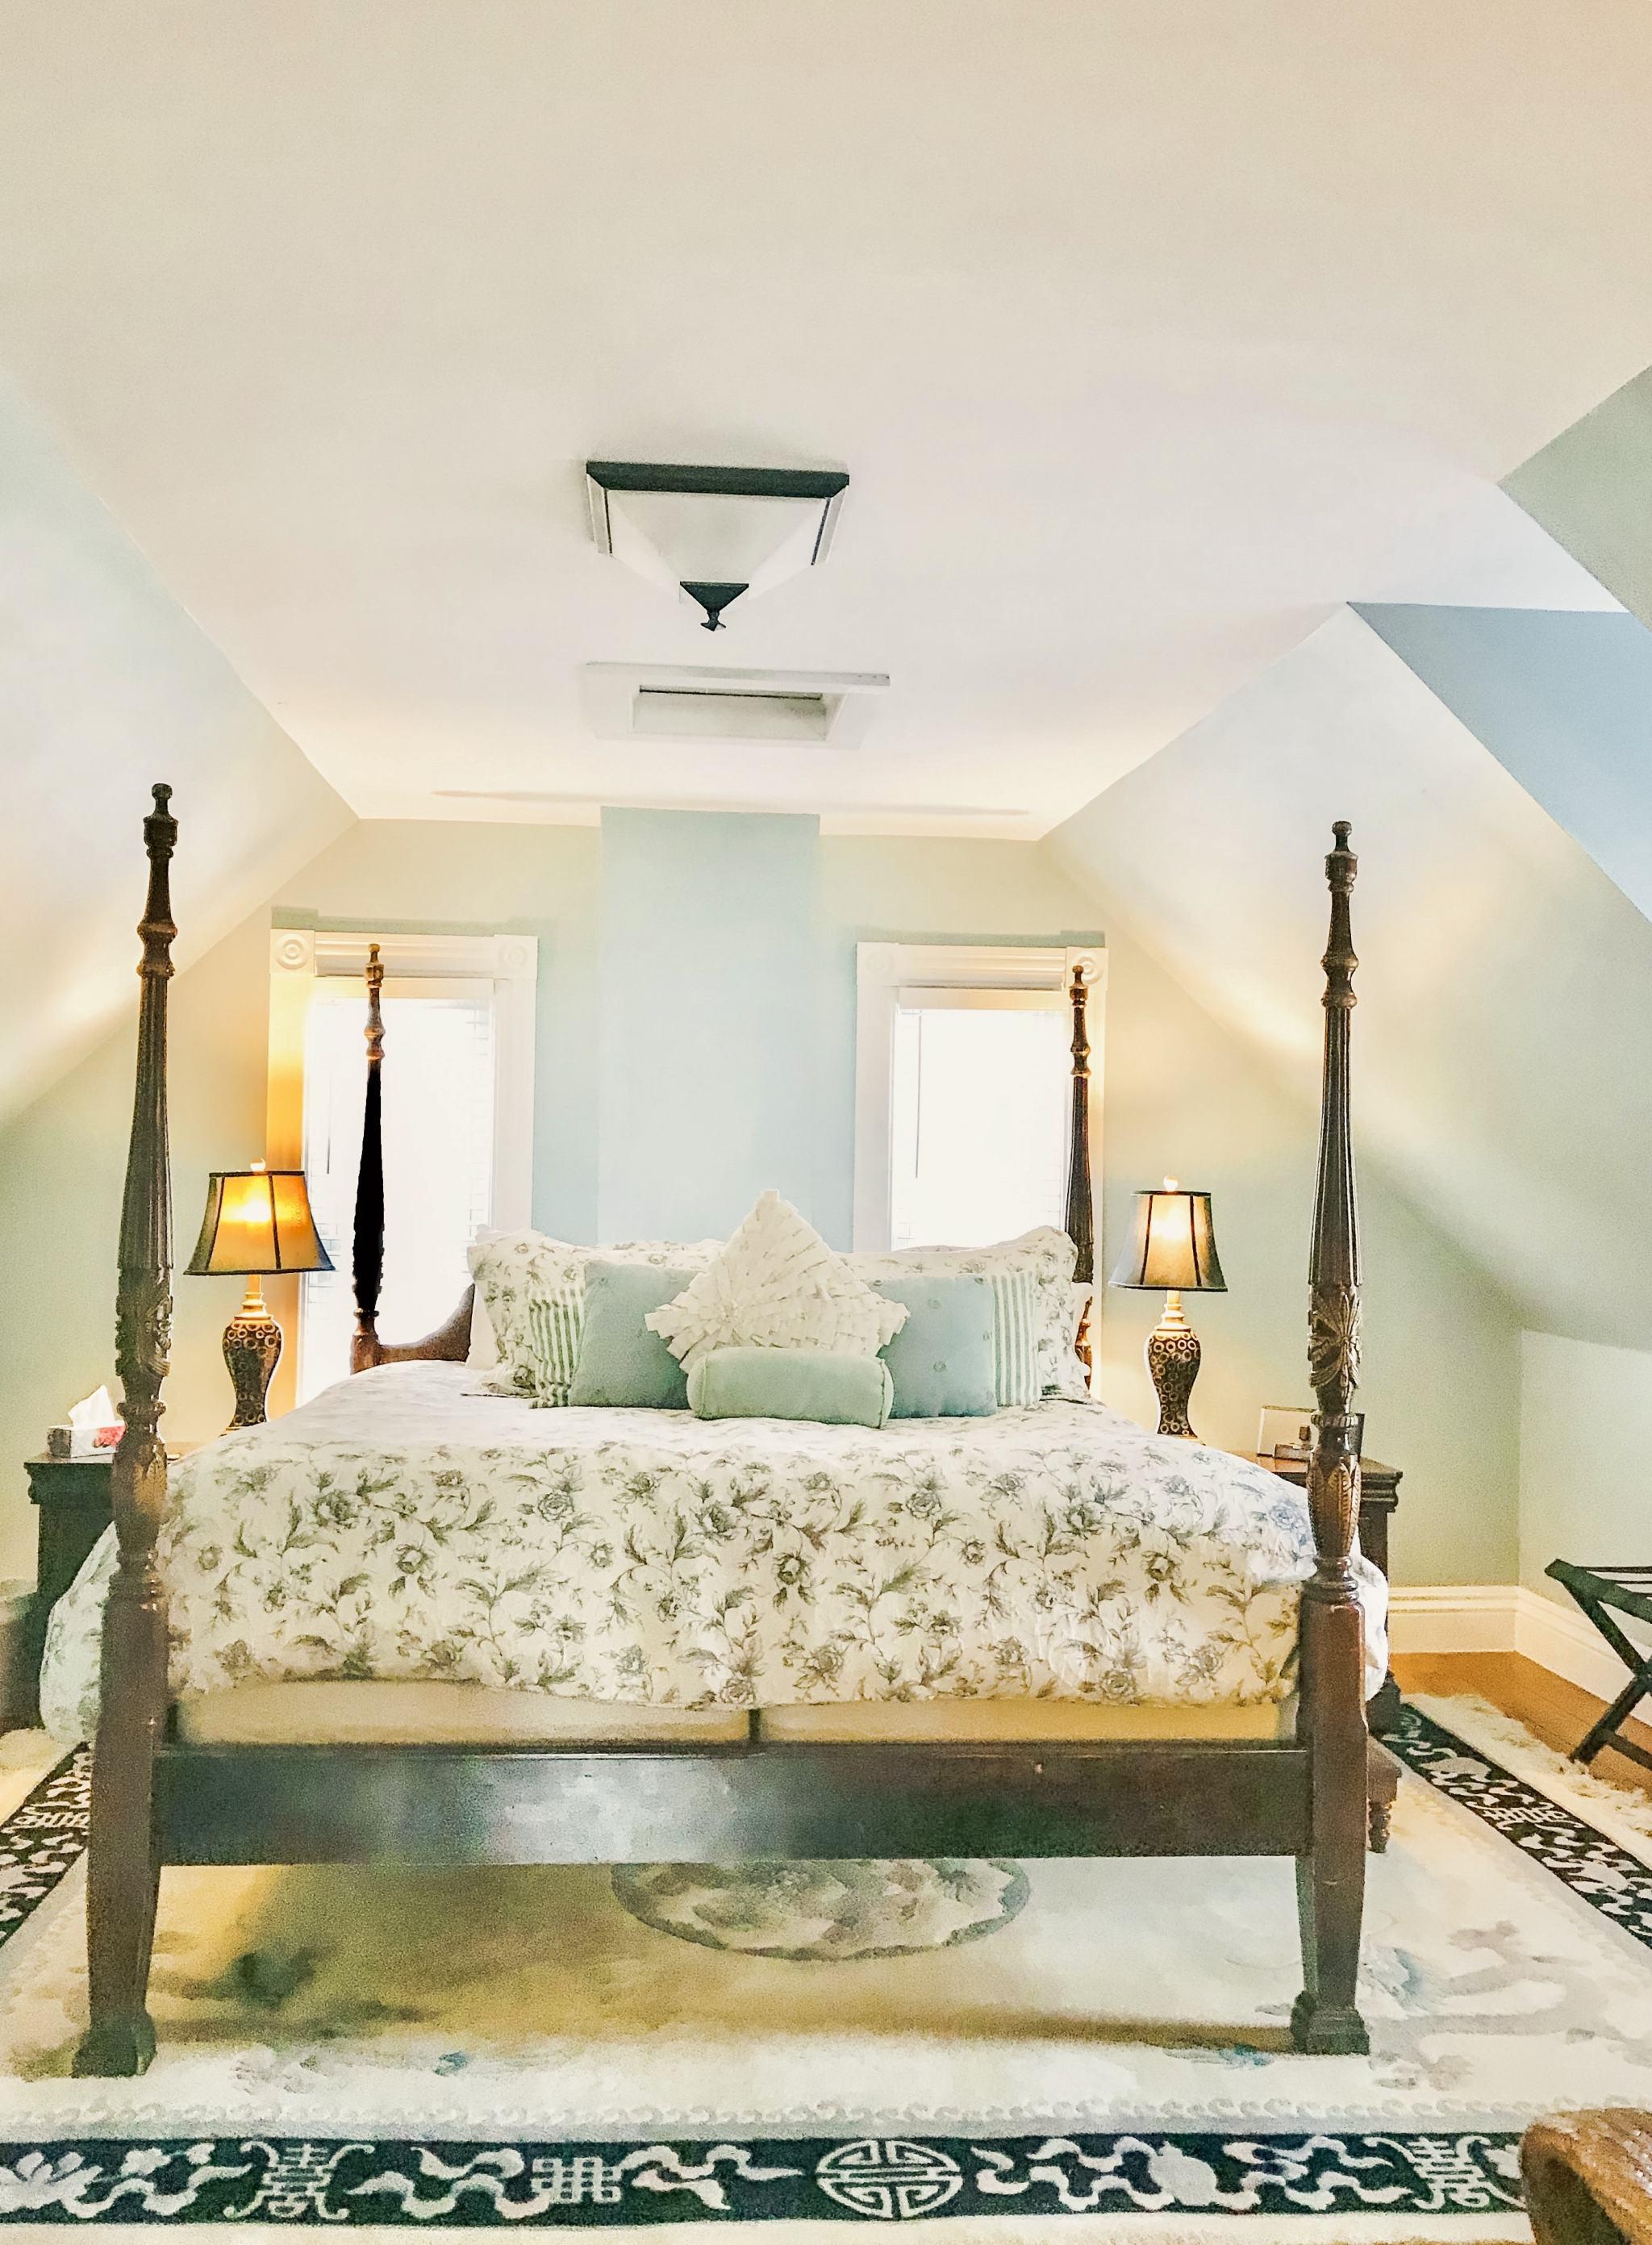 Bijuleni - Ste Anne's All Inclusive-Spa Resort - Vista Lago Cottage Bedroom